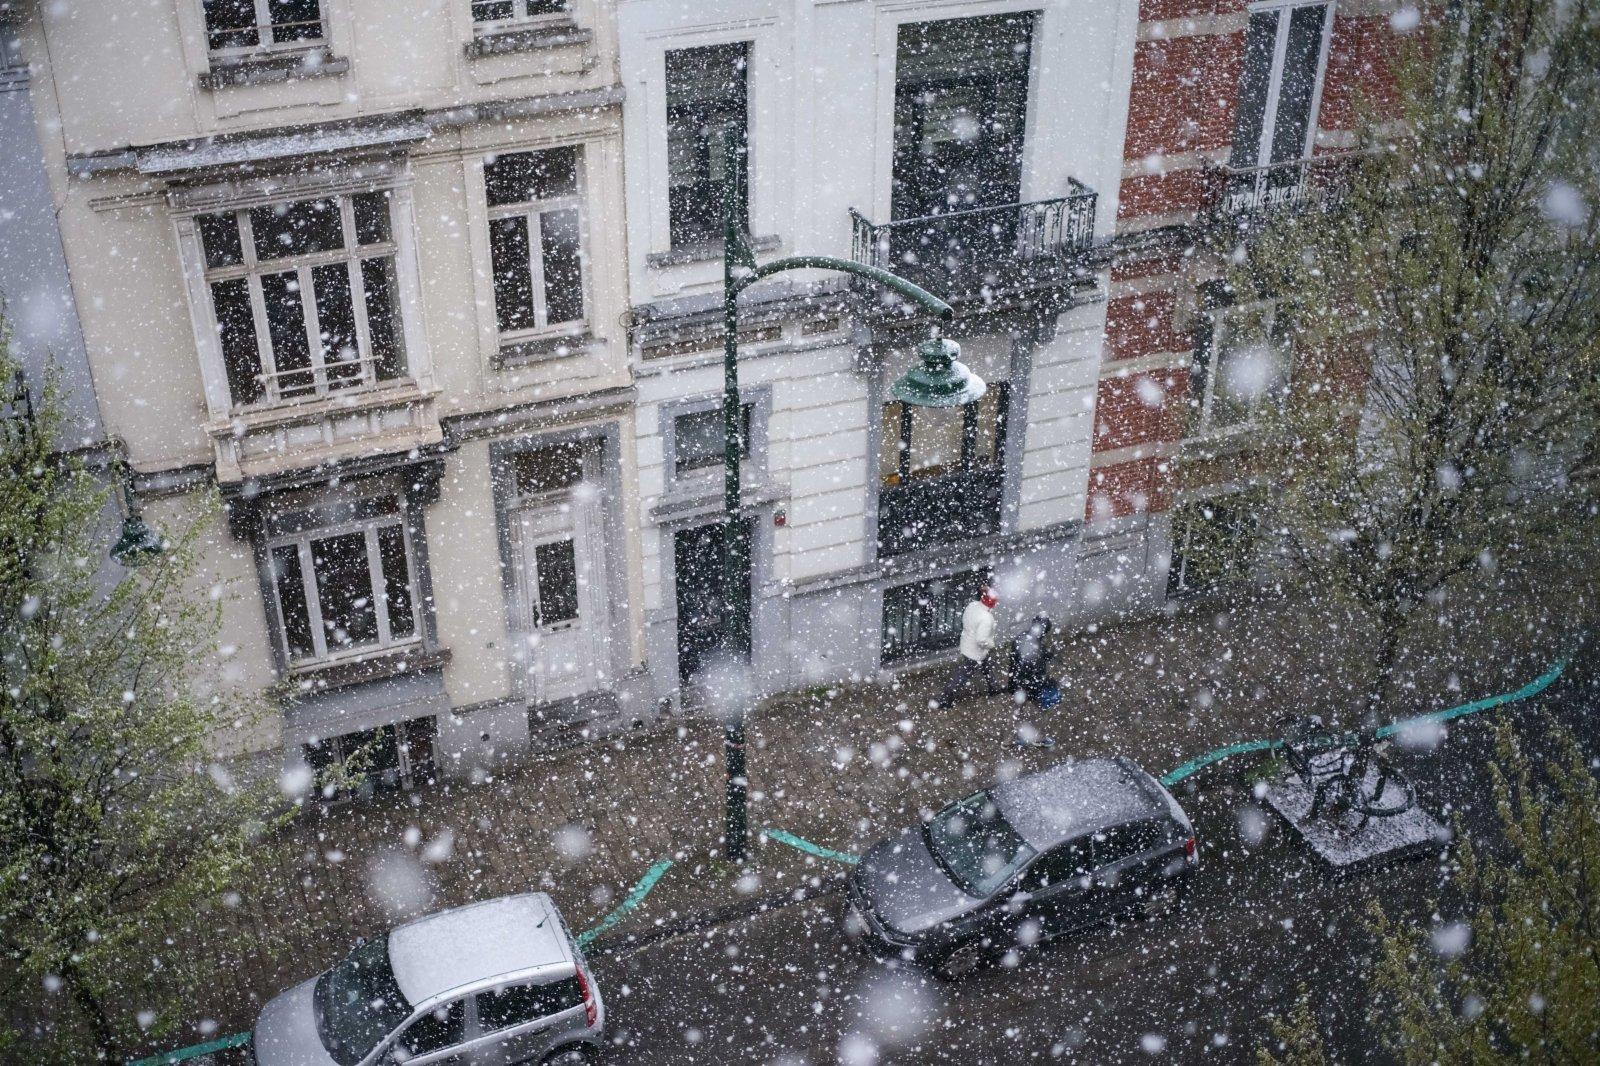 這是4月5日在比利時布魯塞爾拍攝的雪景。